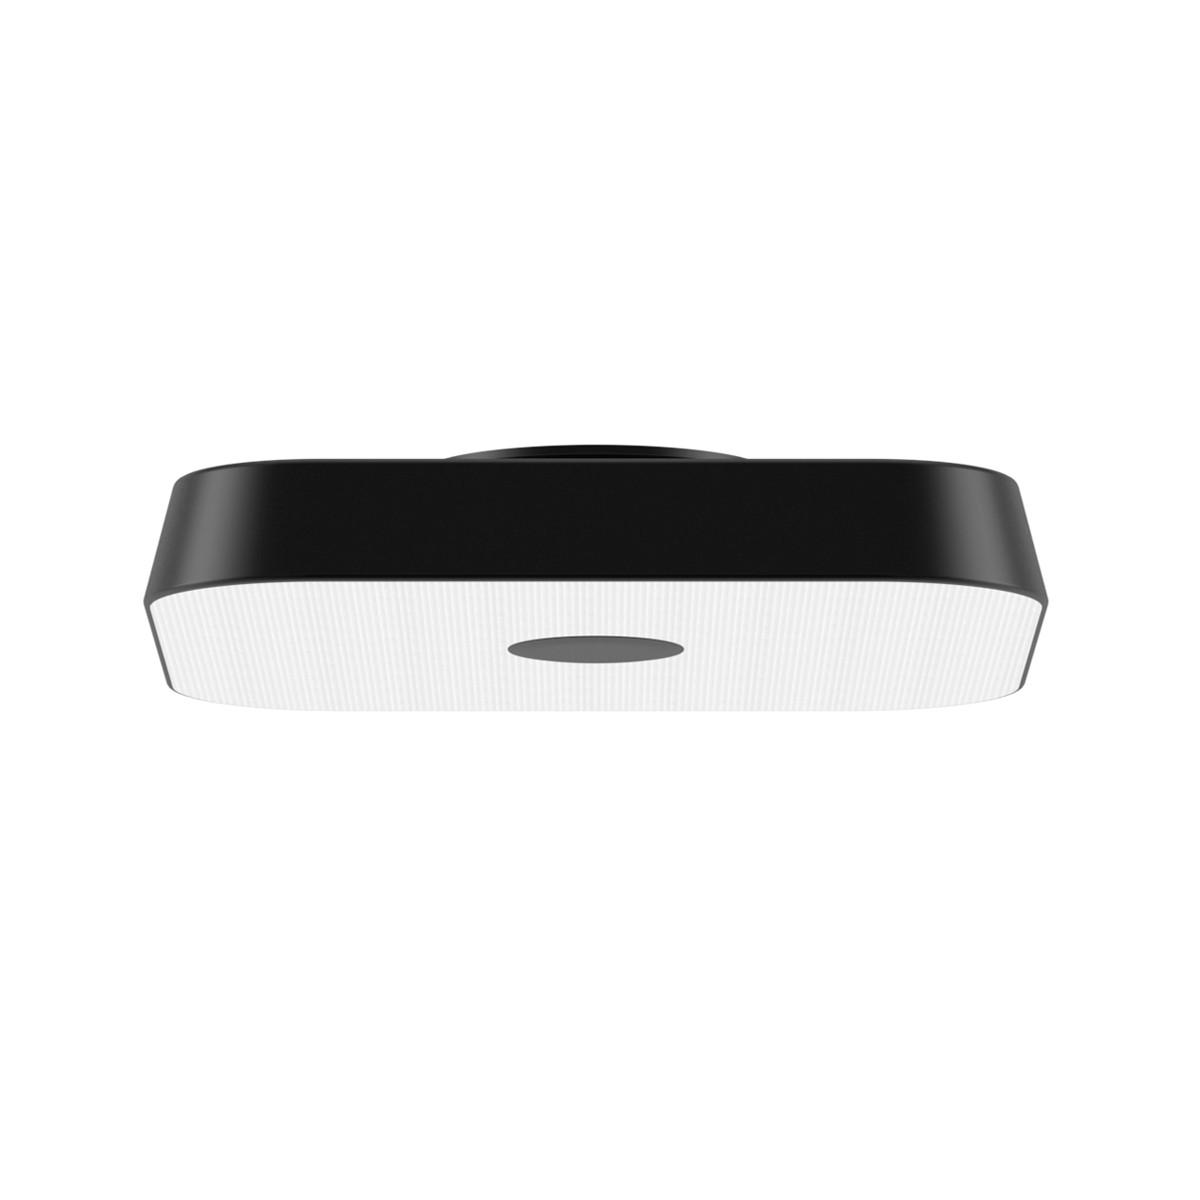 Belux Koi-Q LED Deckenleuchte, Multisens, 3000K, schwarz